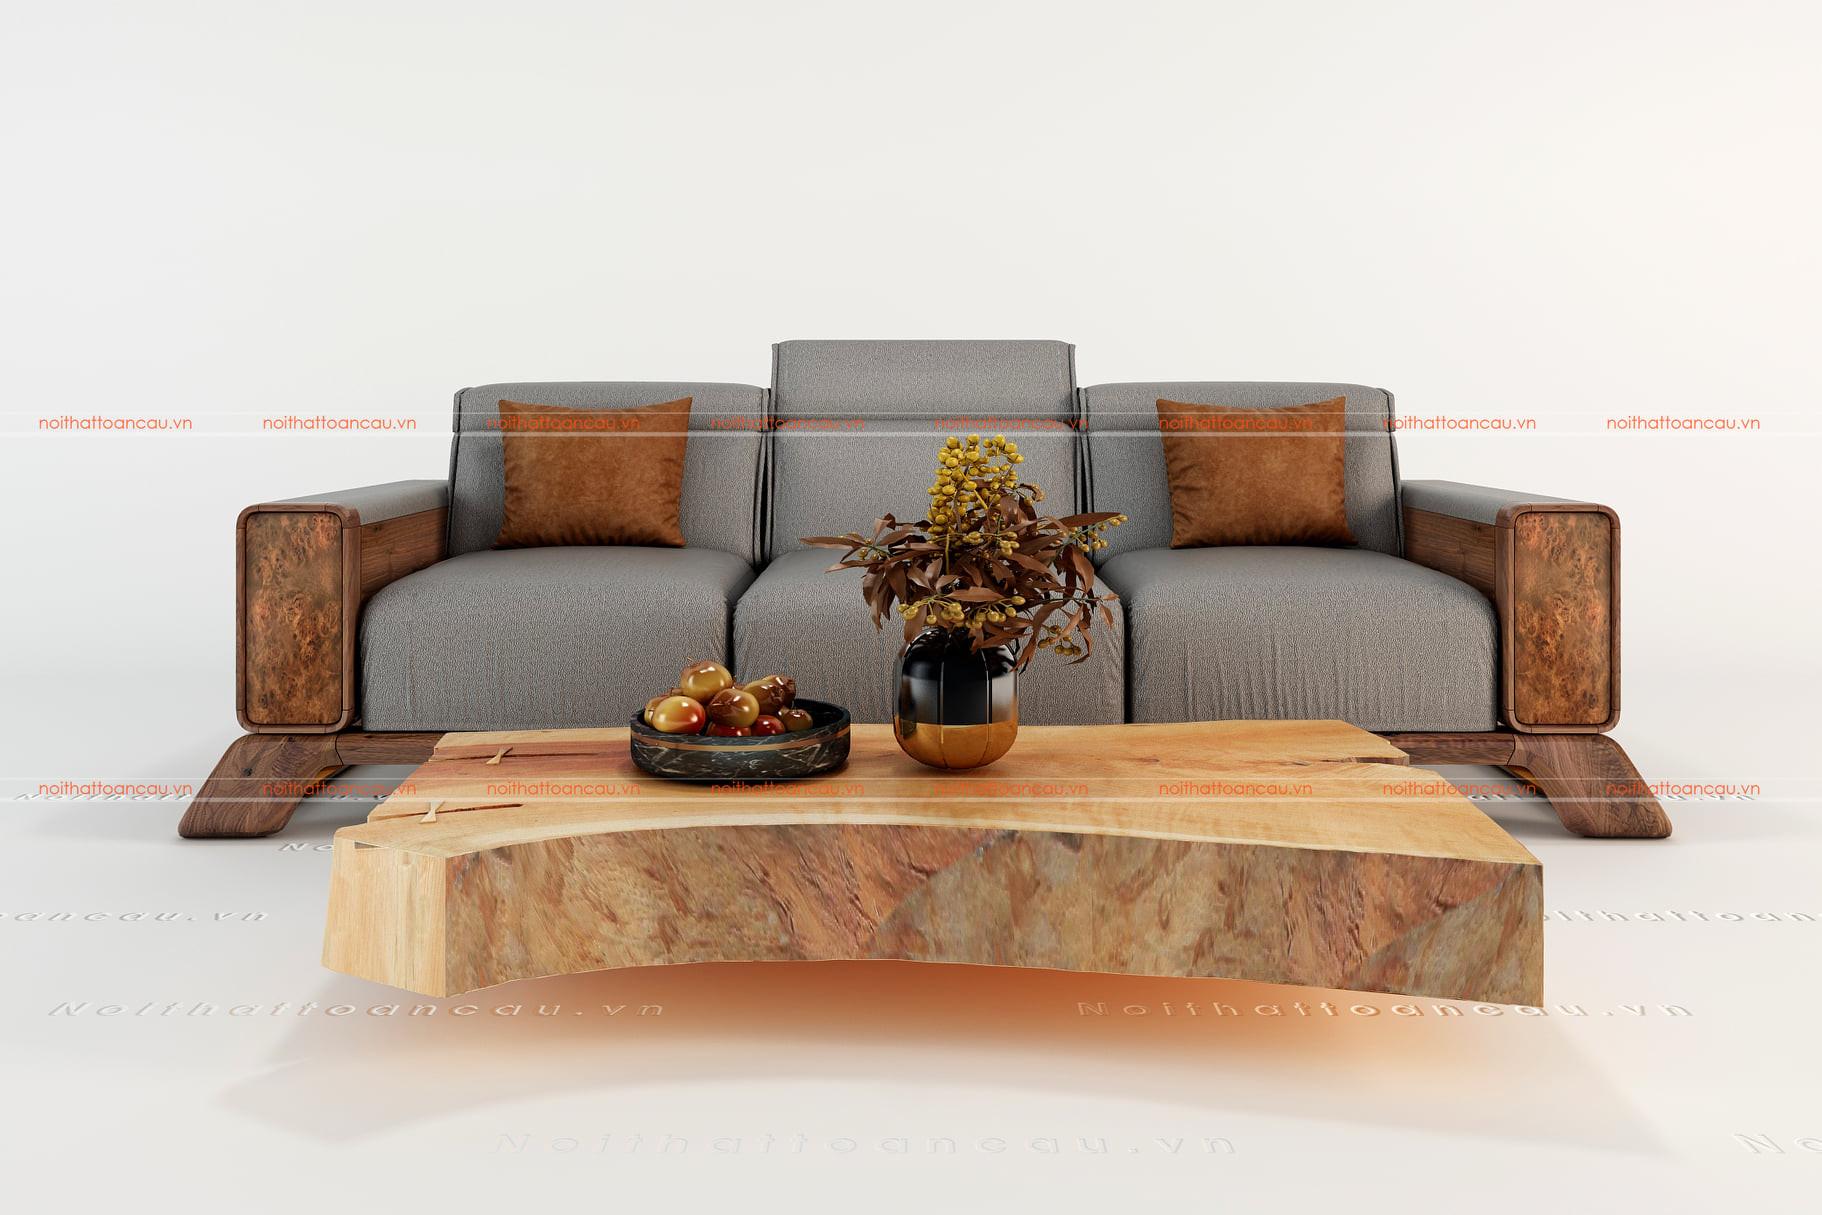 Sofa gỗ chữ i nhỏ cao cấp